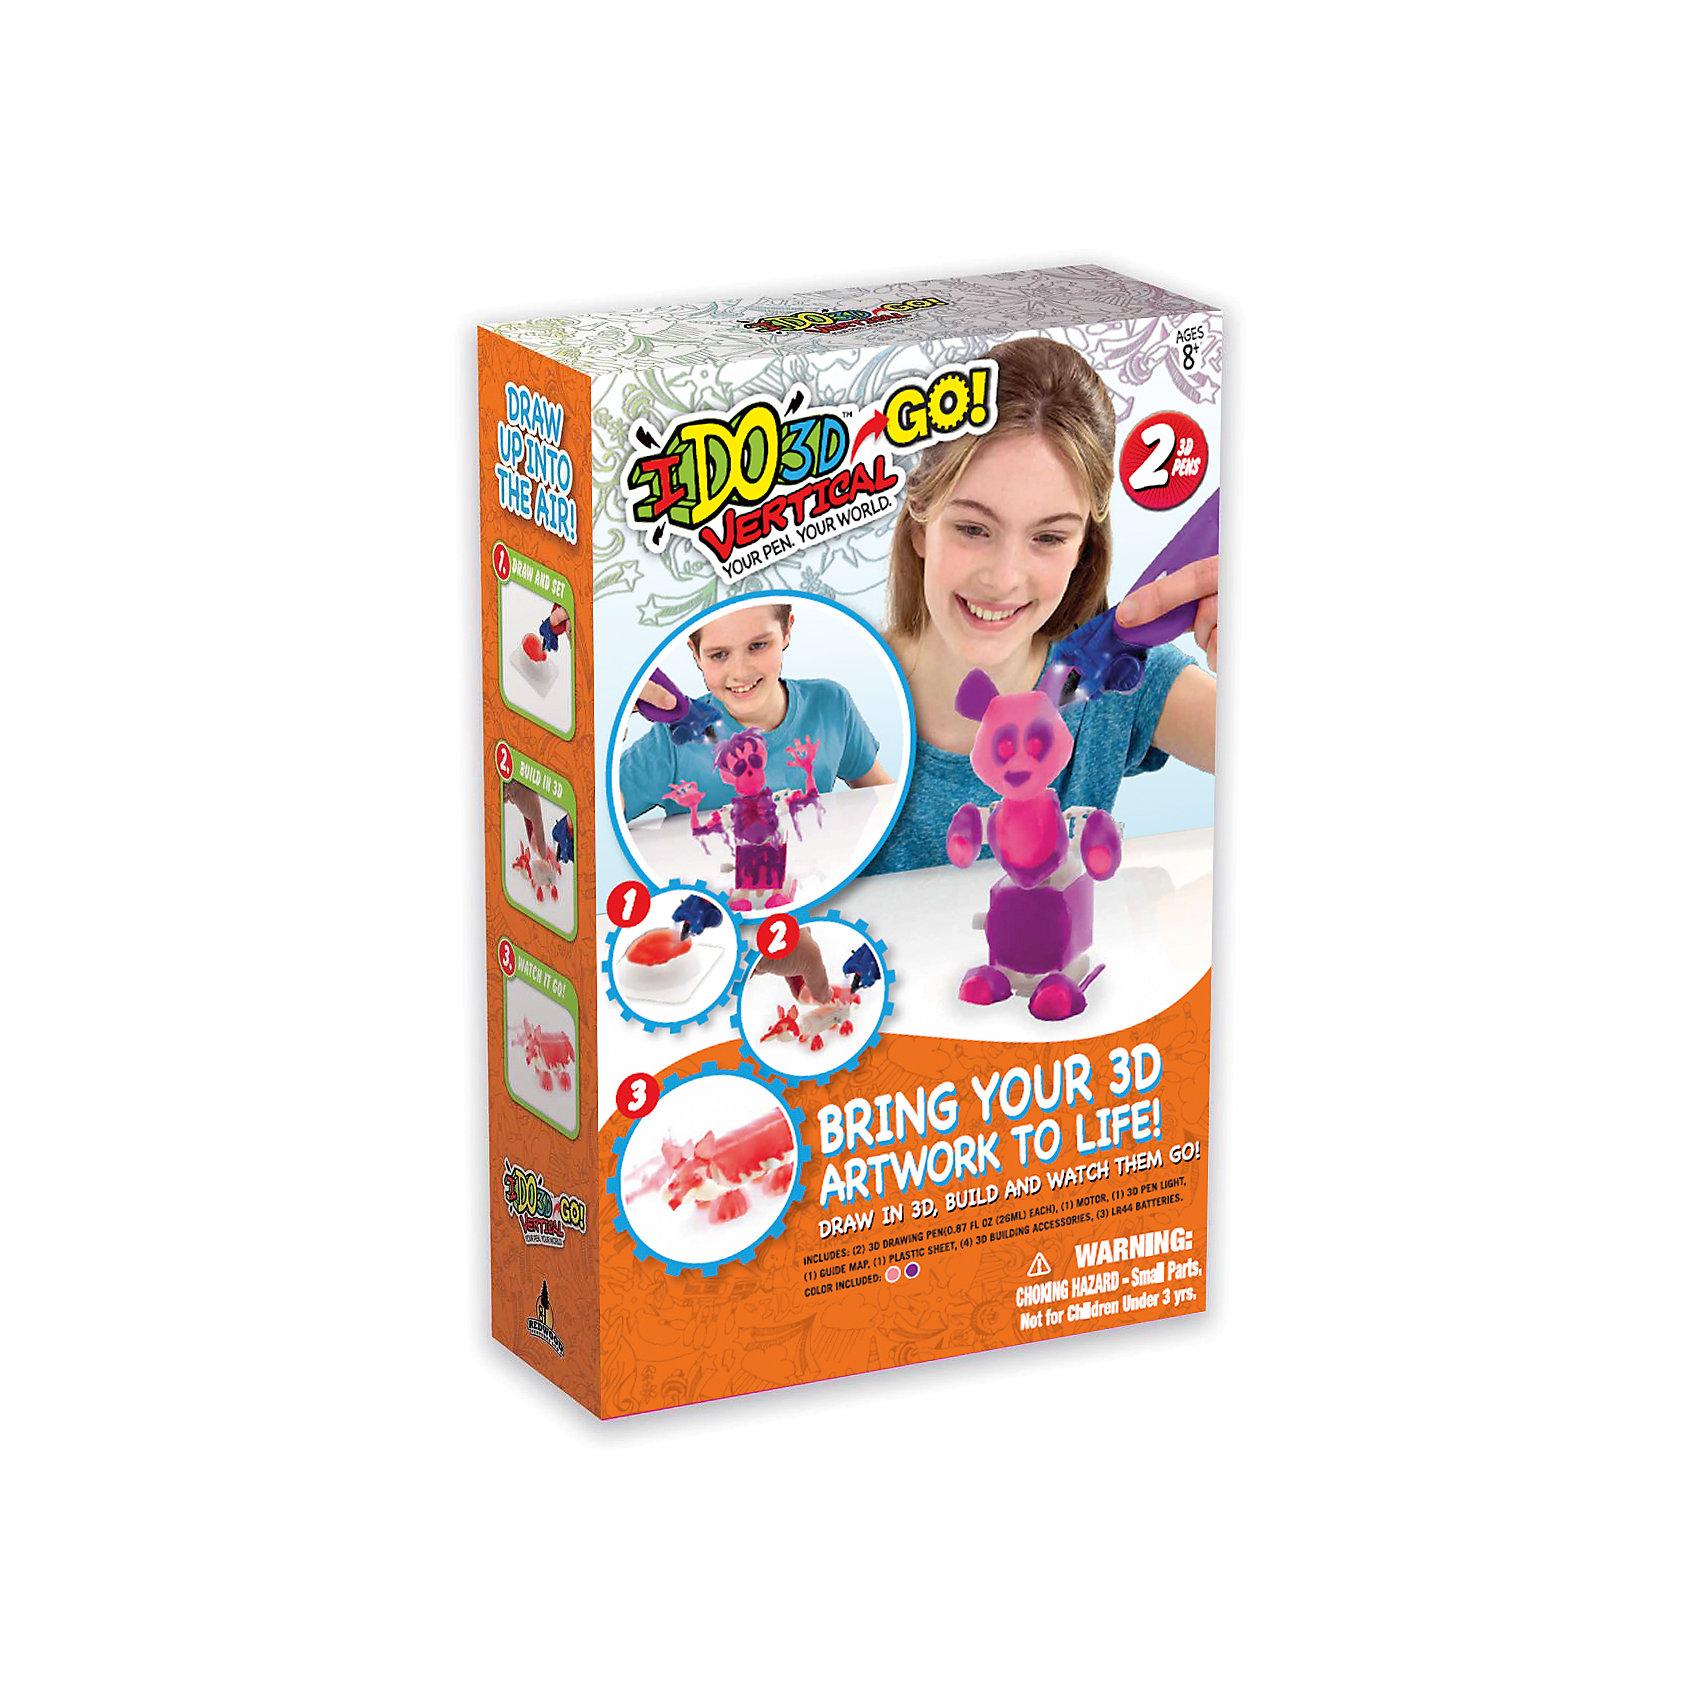 3D ручка Панда (розовый, сиреневый), Вертикаль GOХарактеристики товара:<br><br>• цвет: розовый, сиреневый<br>• материал: пластик<br>• вес: 350 г<br>• размер упаковки: 22х8х33 см<br>• комплектация: 2 цветные 3D ручки, световая насадка для отверждения, трафареты и инструкция<br>• батарейки: 3хА76/(LR44), входят в набор<br>• упаковка: коробка<br>• страна производства: Китай<br><br>3D-рисование - это современный и очень увлекательный вид творчества! С помощью него также можно создать множество полезных и уникальных вещей. Эта 3D-ручка - качественный и удобный предмет, который поможет ребенку выразить свои творческие способности. Объемный рисунок получается из яркого материала, очень красиво смотрится. Набор для рисования в воздухе c заводным механизмом для создания заводных игрушек <br>В наборе есть всё необходимое, чтобы сразу приступить к созданию объемных рисунков! Изделие произведено из качественных и безопасных для ребенка материалов.<br><br>3D ручку Панда (розовый, сиреневый), Вертикаль GO, можно купить в нашем интернет-магазине.<br><br>Ширина мм: 216<br>Глубина мм: 77<br>Высота мм: 330<br>Вес г: 350<br>Возраст от месяцев: 36<br>Возраст до месяцев: 2147483647<br>Пол: Женский<br>Возраст: Детский<br>SKU: 5253074